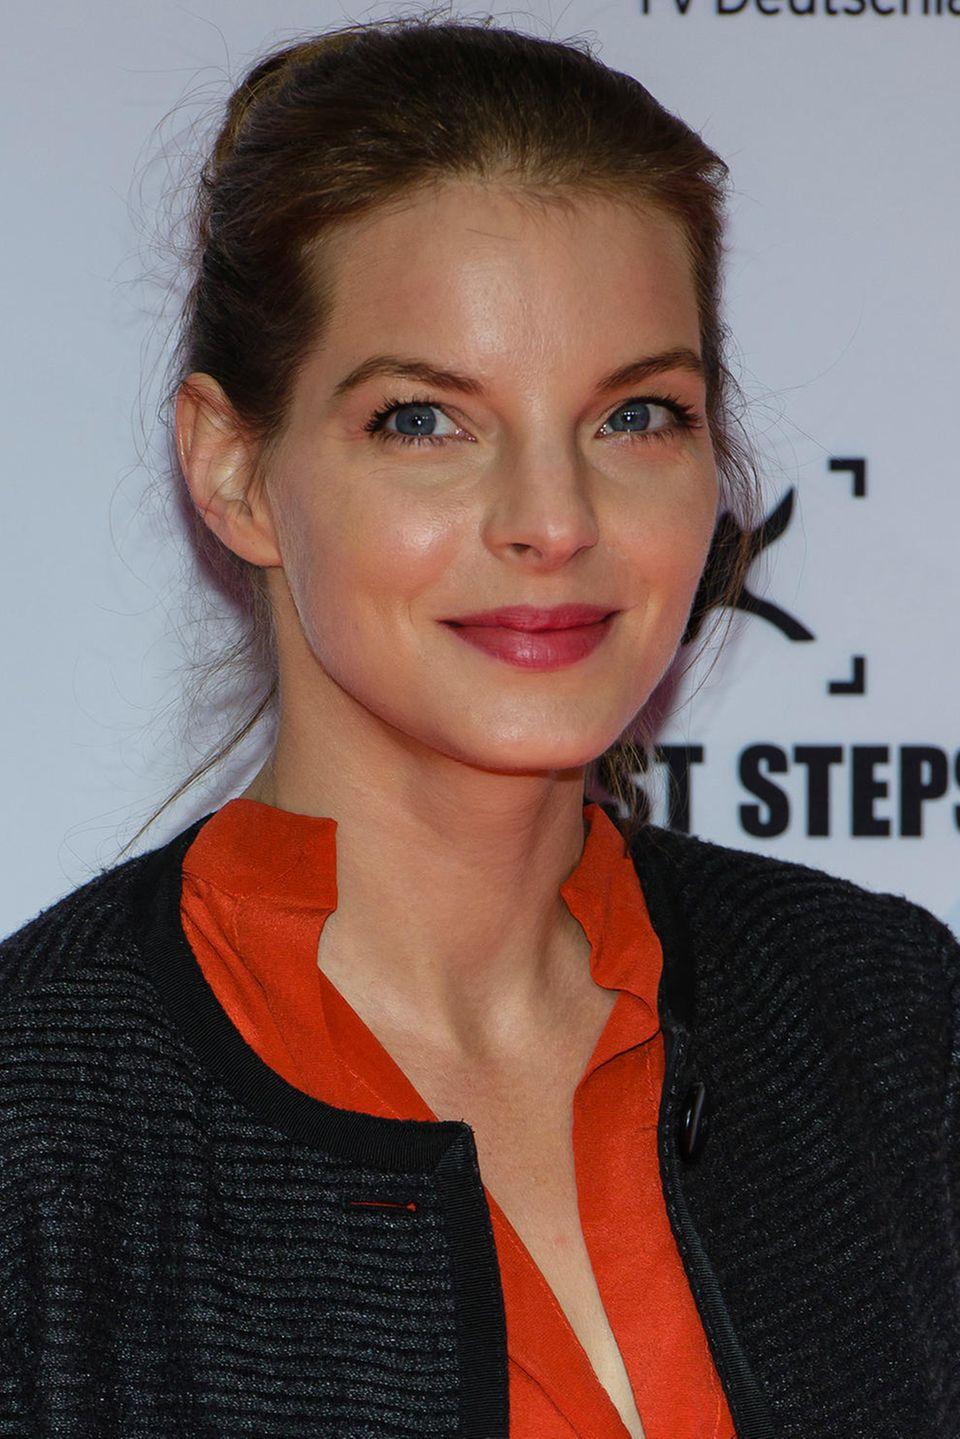 2013  Die dunklen Haare zum Dutt zurückgenommen, wirkt Yvonne Catterfeld mit einem Mal viel seriöser. Der dezente Lippenstift unterstreicht die Lady-Attitude.